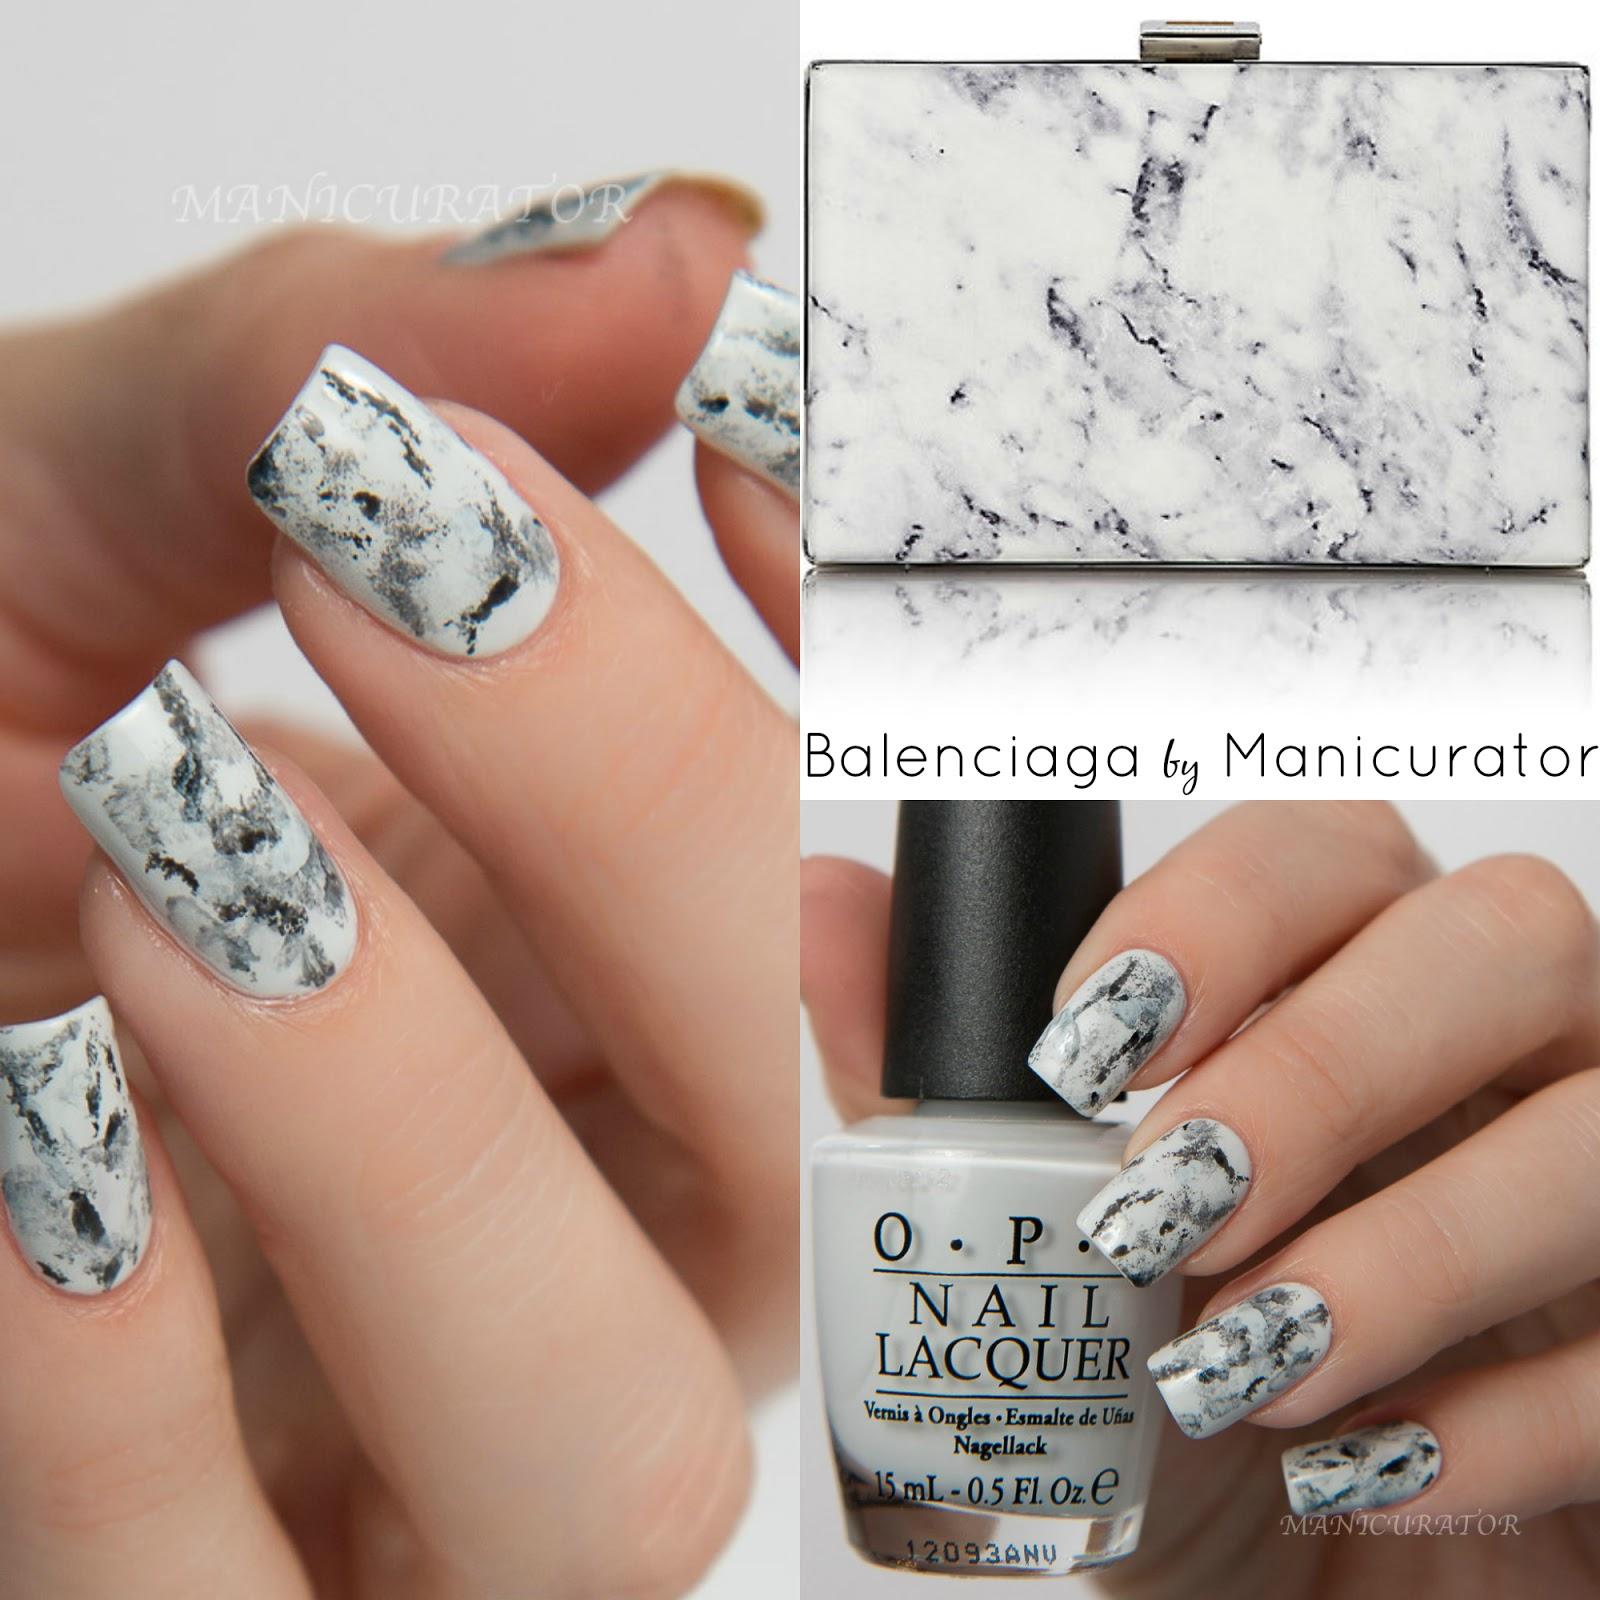 383412de6d NAFW 2016 Day 3 - Bag: Balenciaga Marble with OPI